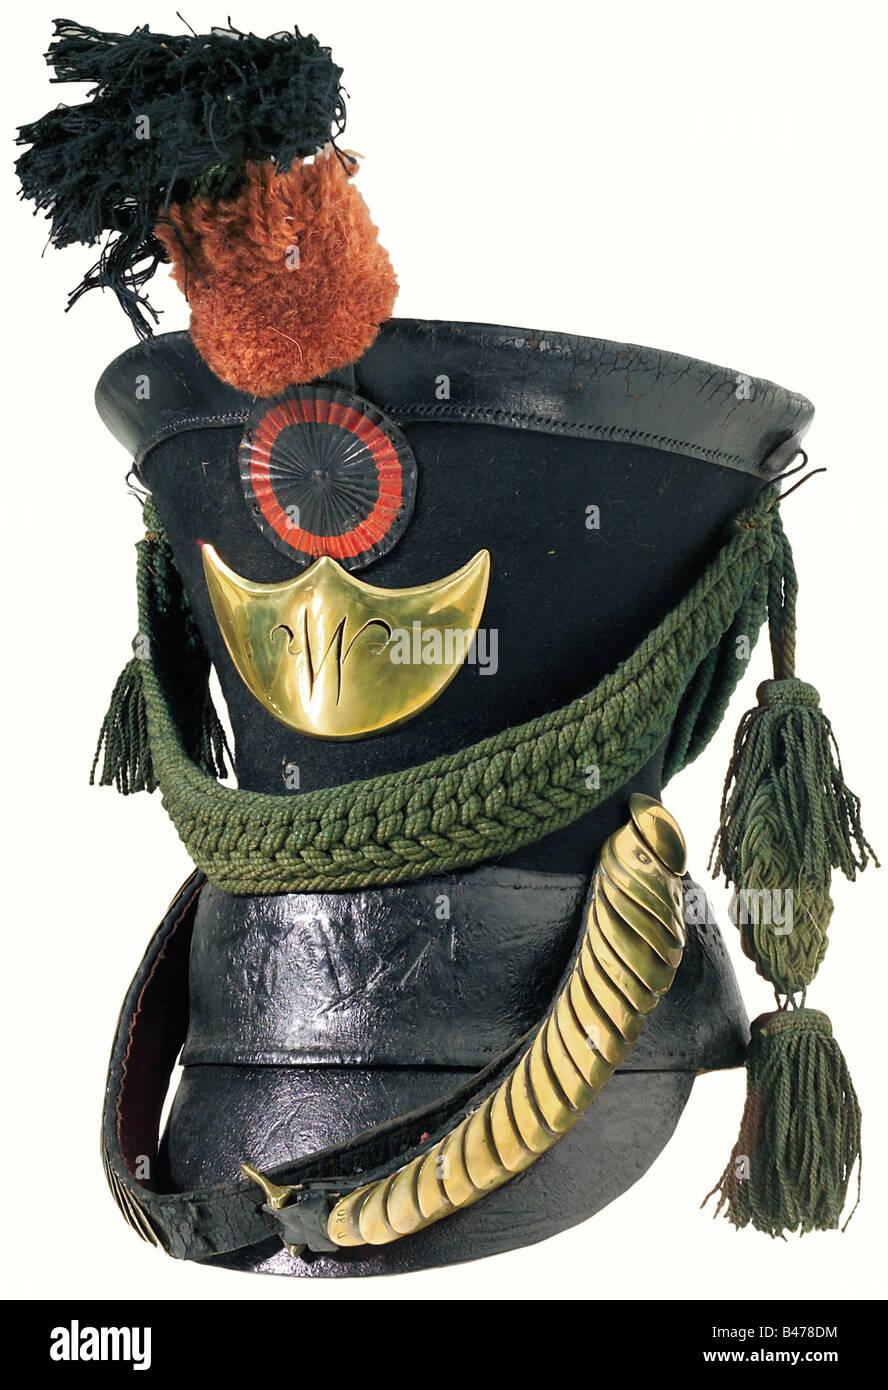 Jäger shako Wuerttemberg: un patrón de 1821, Cuerpo de fieltro negro, con una parte superior de cuero, Imagen De Stock